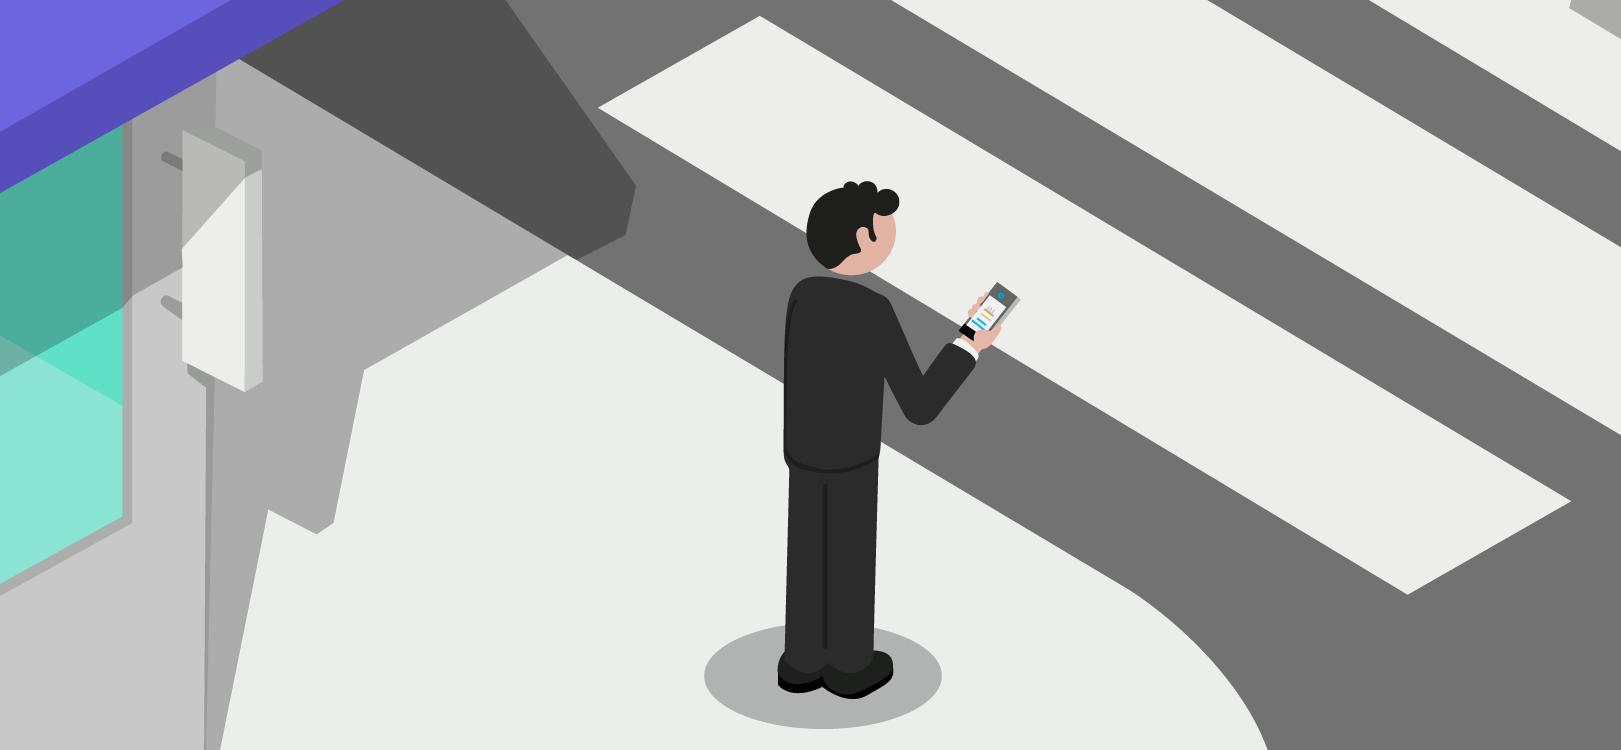 Telefont néző férfi a járdán